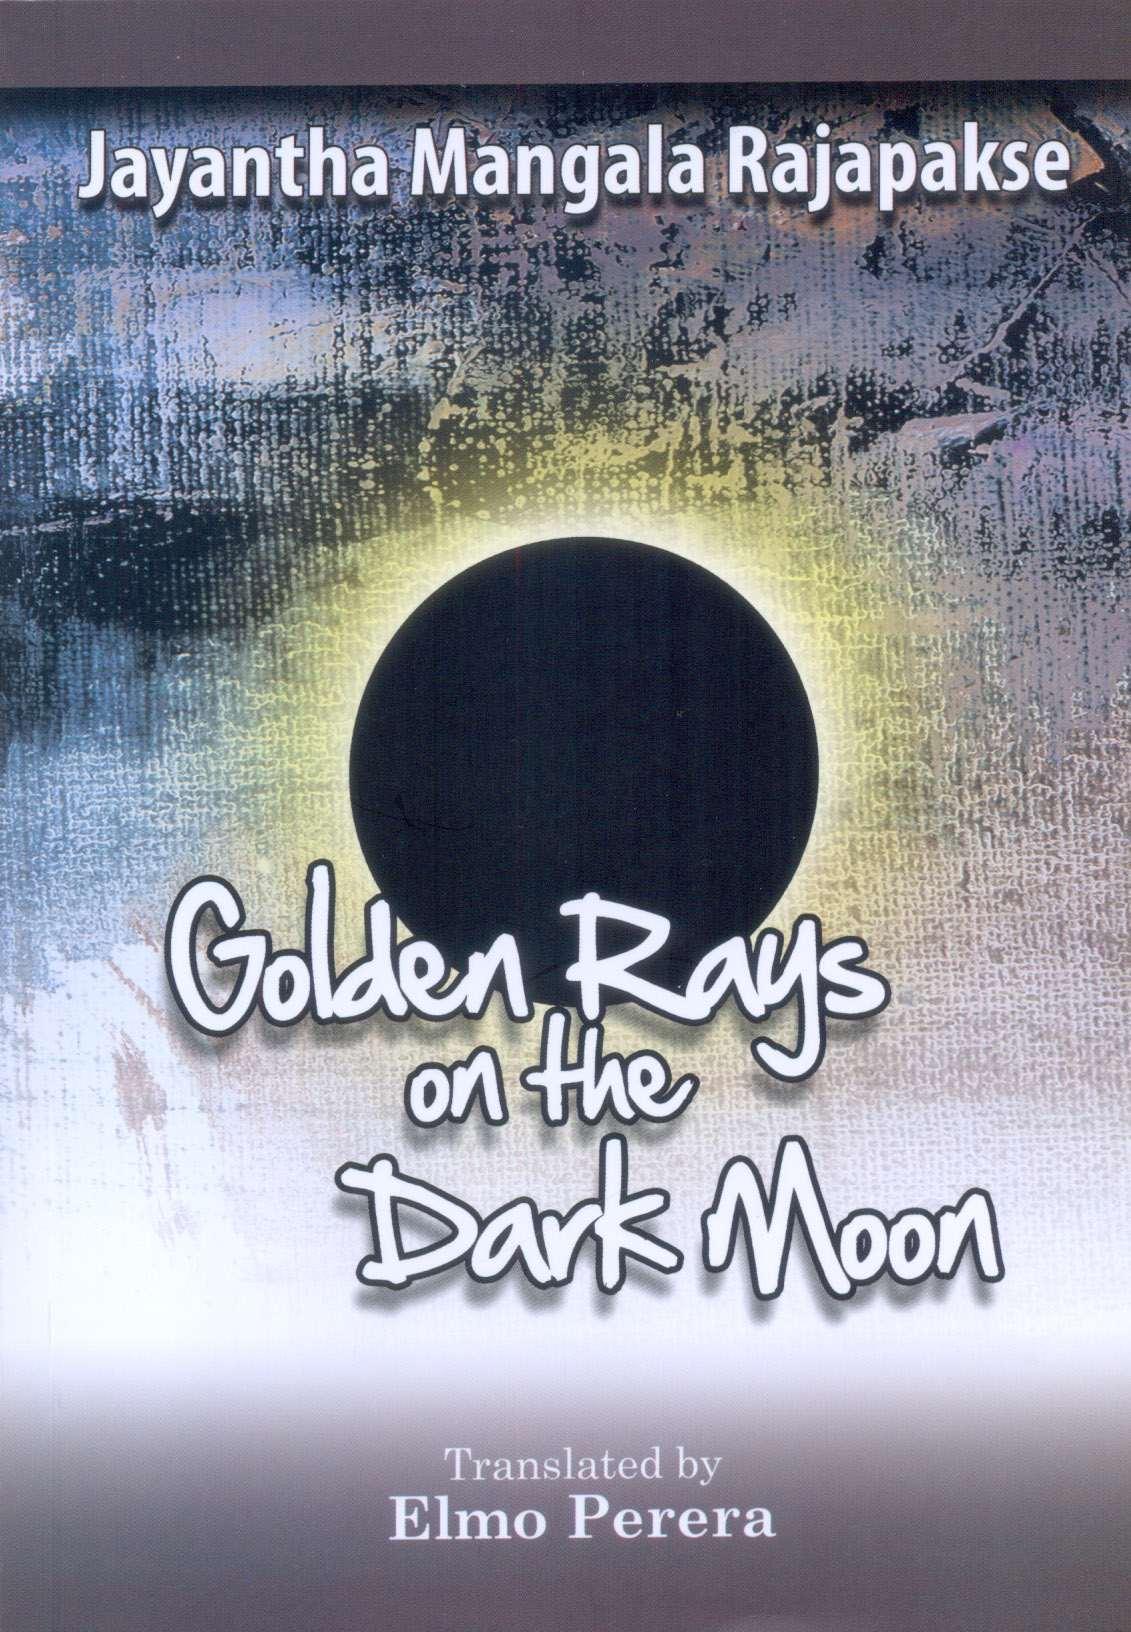 Golden Rays On The Dark Moon